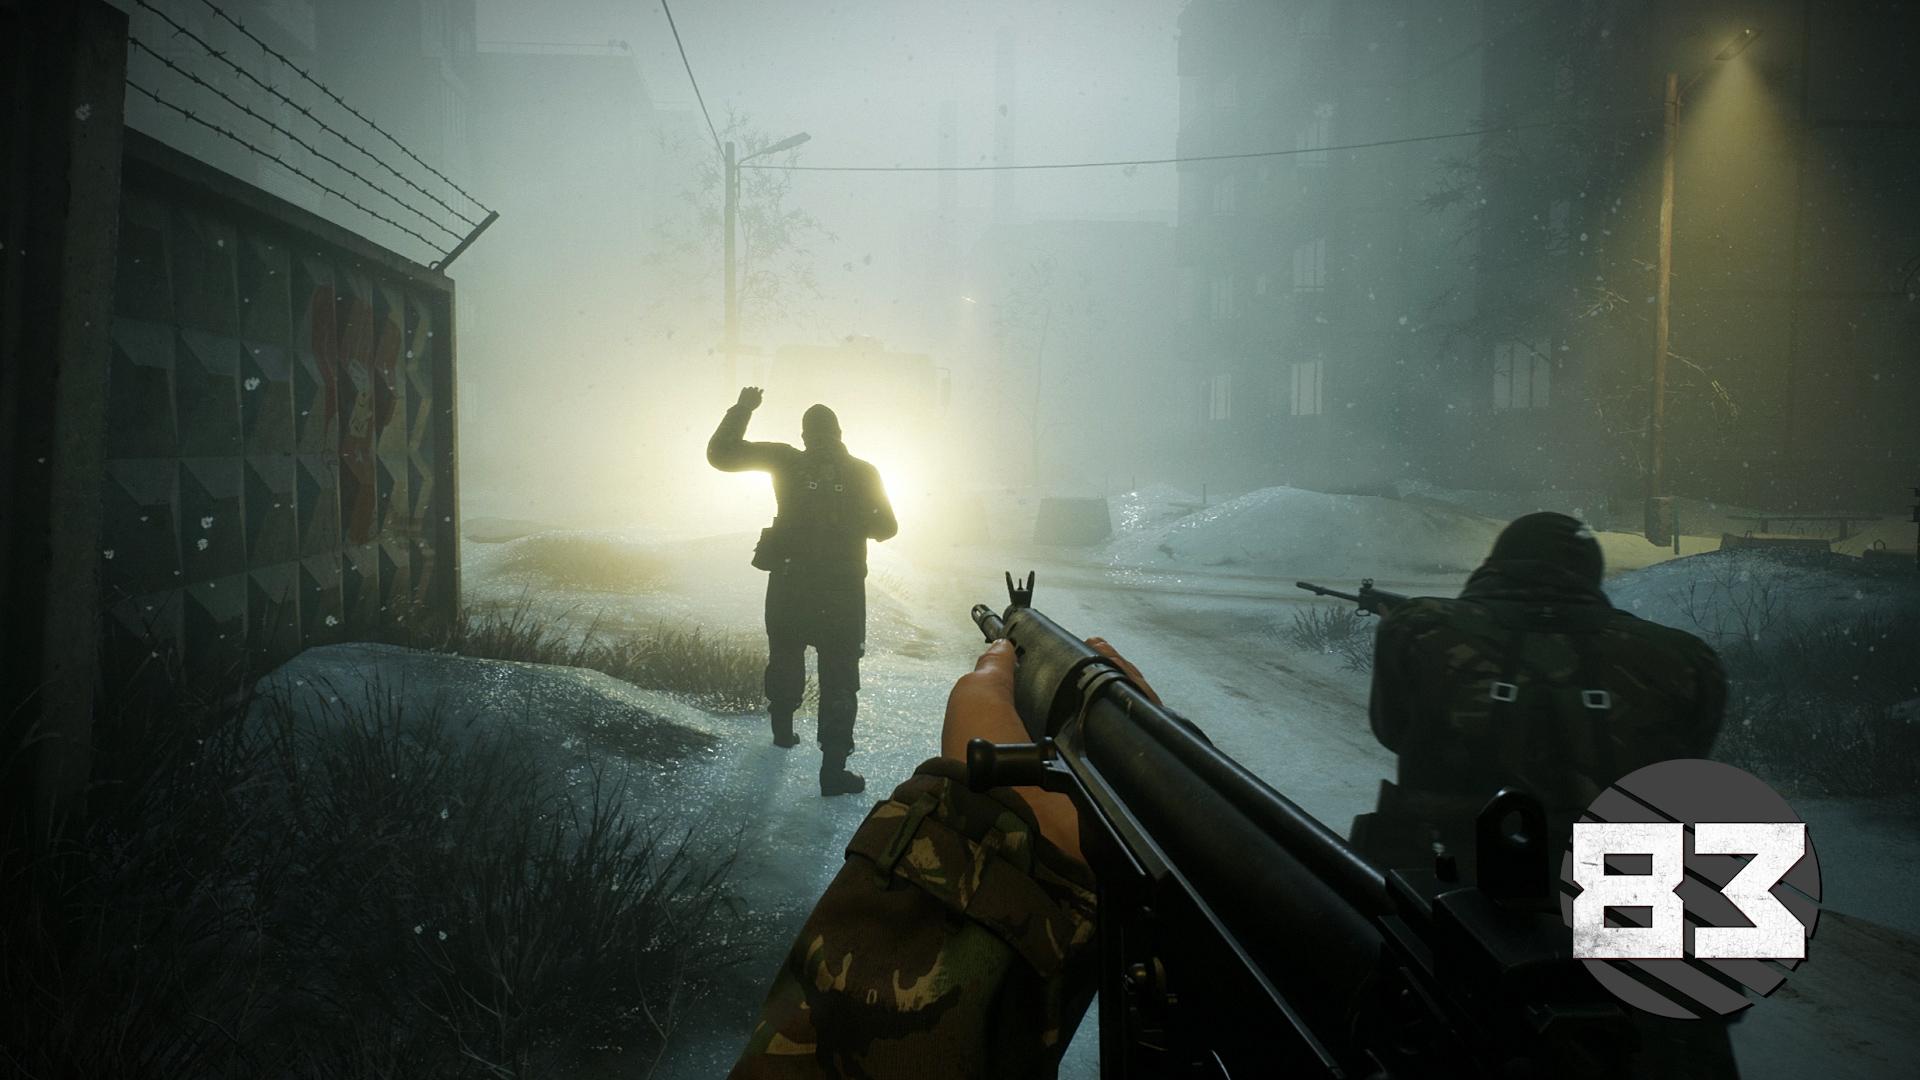 Oznámena multiplayerová střílečka 83